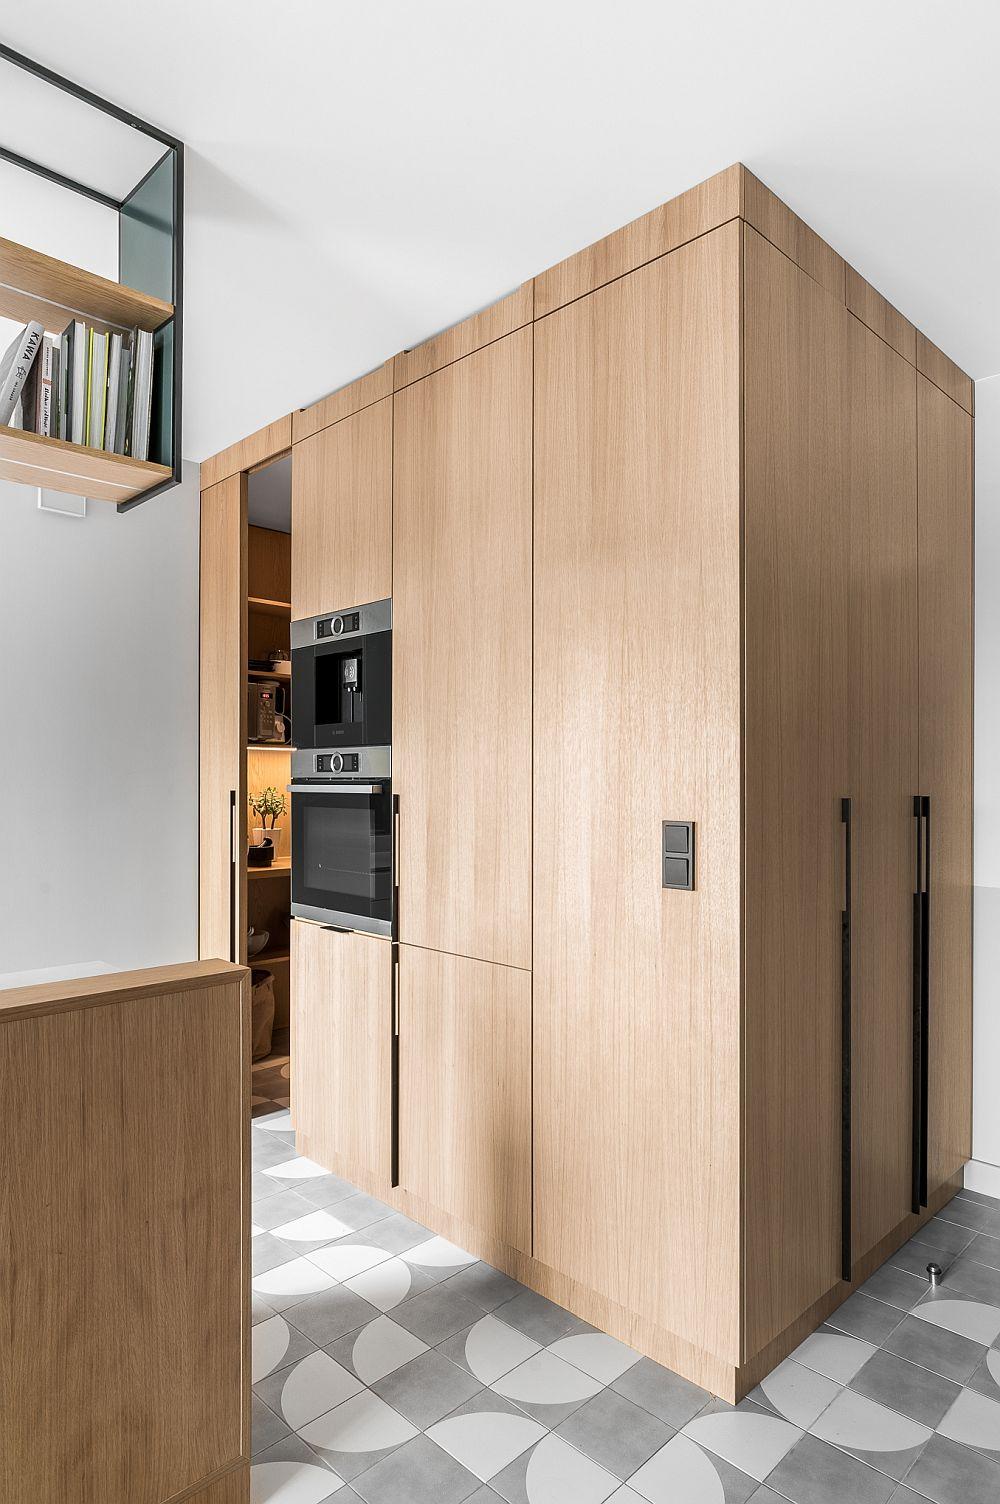 Bucătăria este configurată aproape de intrarea în casă. Pentru a exista spațiu de depozitare în hol, arhitecții au prevăzut un dulap care poate fi acționat dispre hol, iar acesta este mai departe înglobat într-un ansamblu ce include combina frigorifică încorporată, apoi cuptoarele, ar mai departe un loc de depozitare pentru zona de bucătărie.